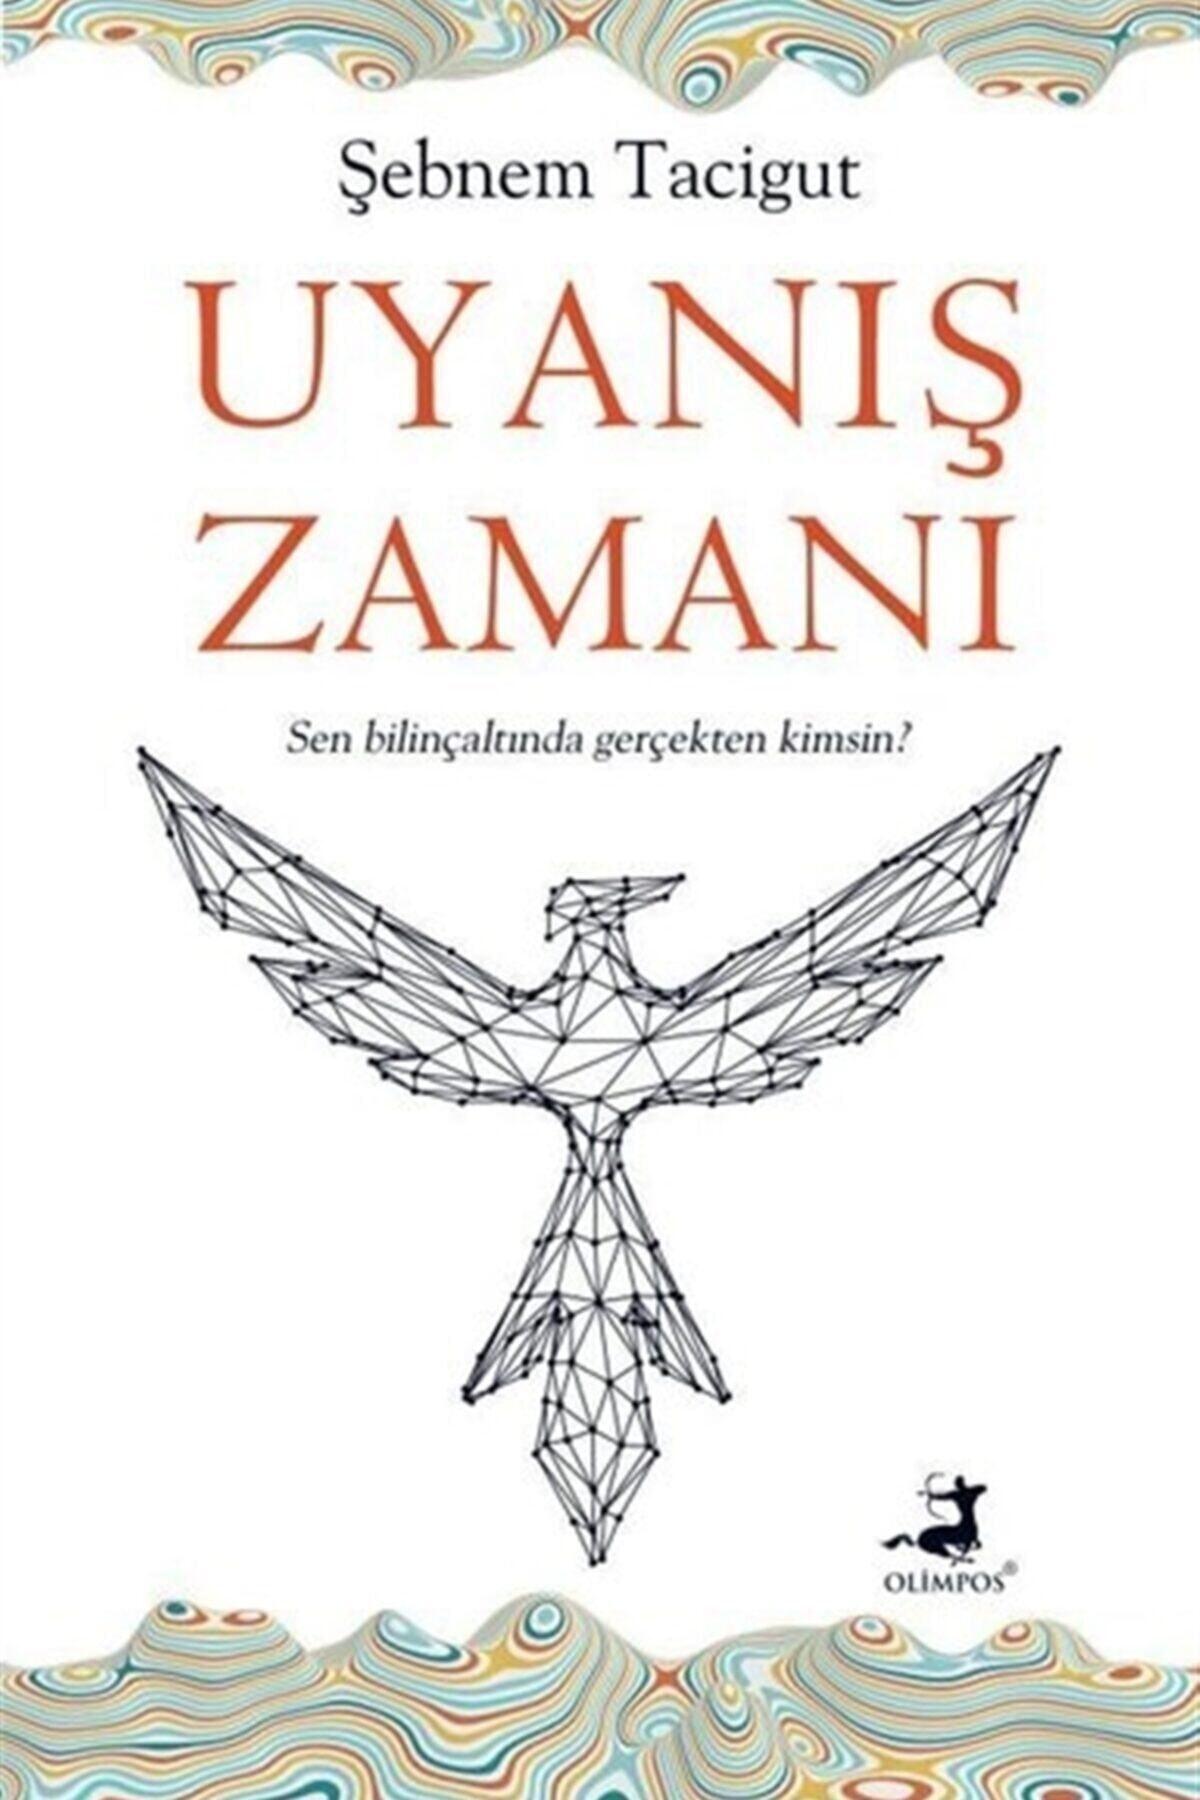 Olimpos Yayınları Uyanış Zamanı Şebnem Tacigut 9786257135450 1